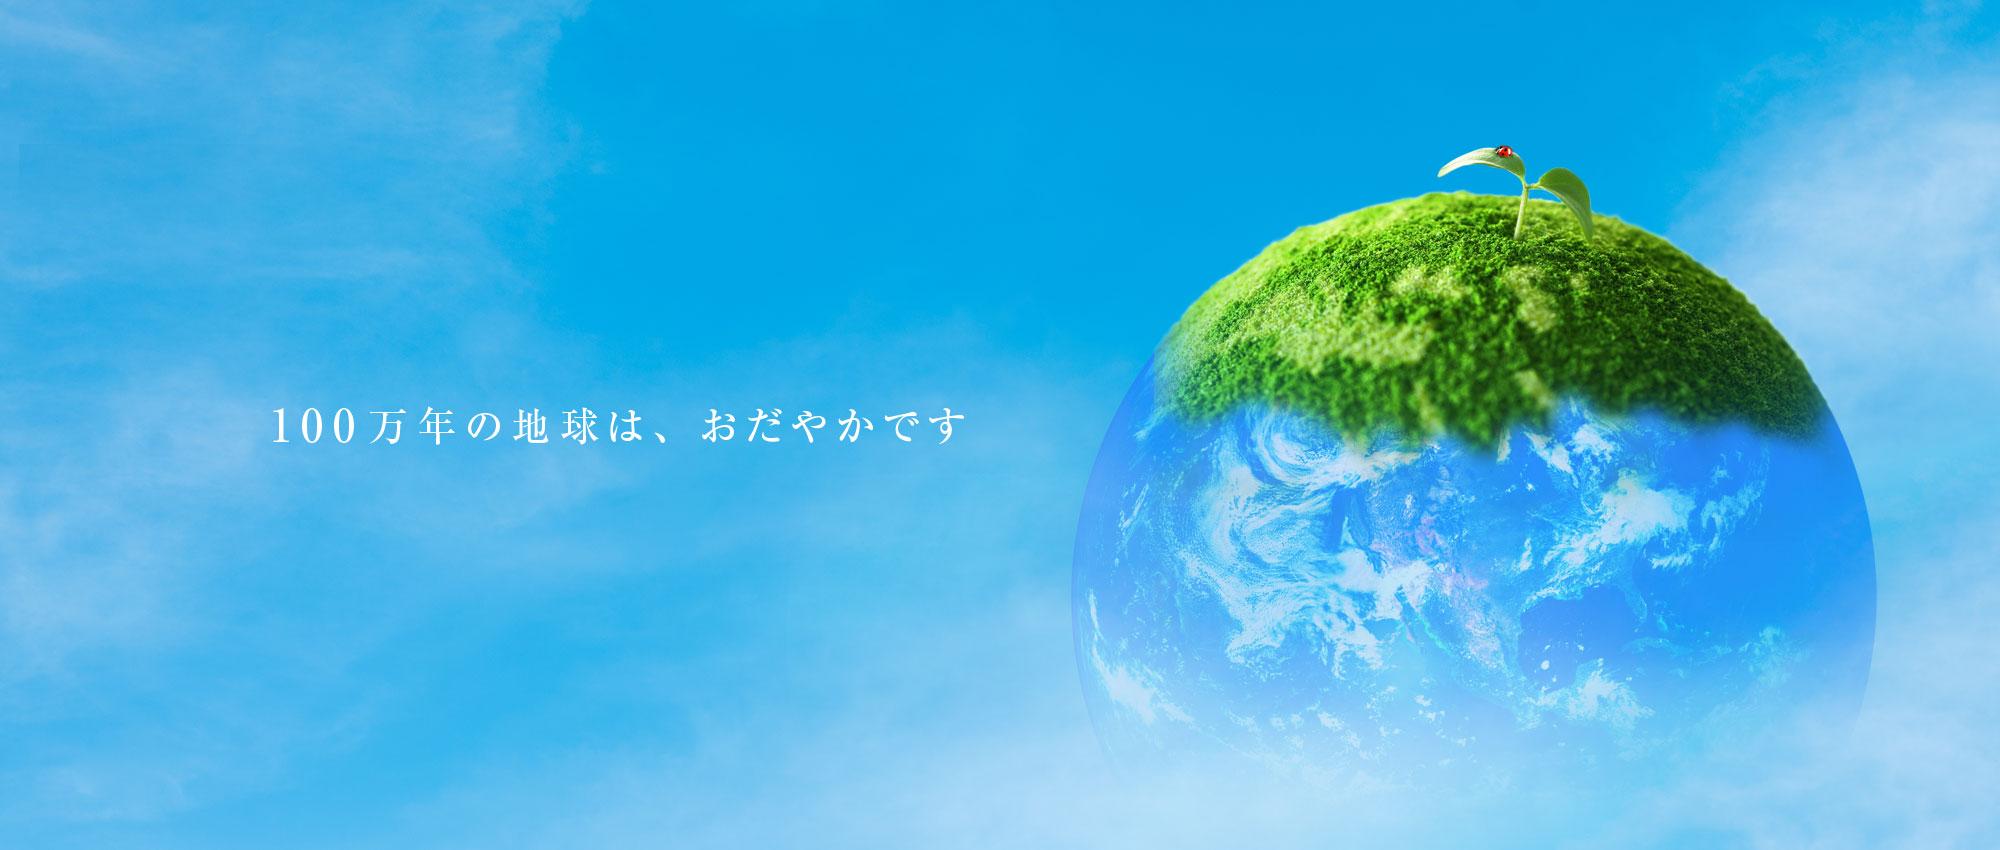 百万年の地球は、おだやかです